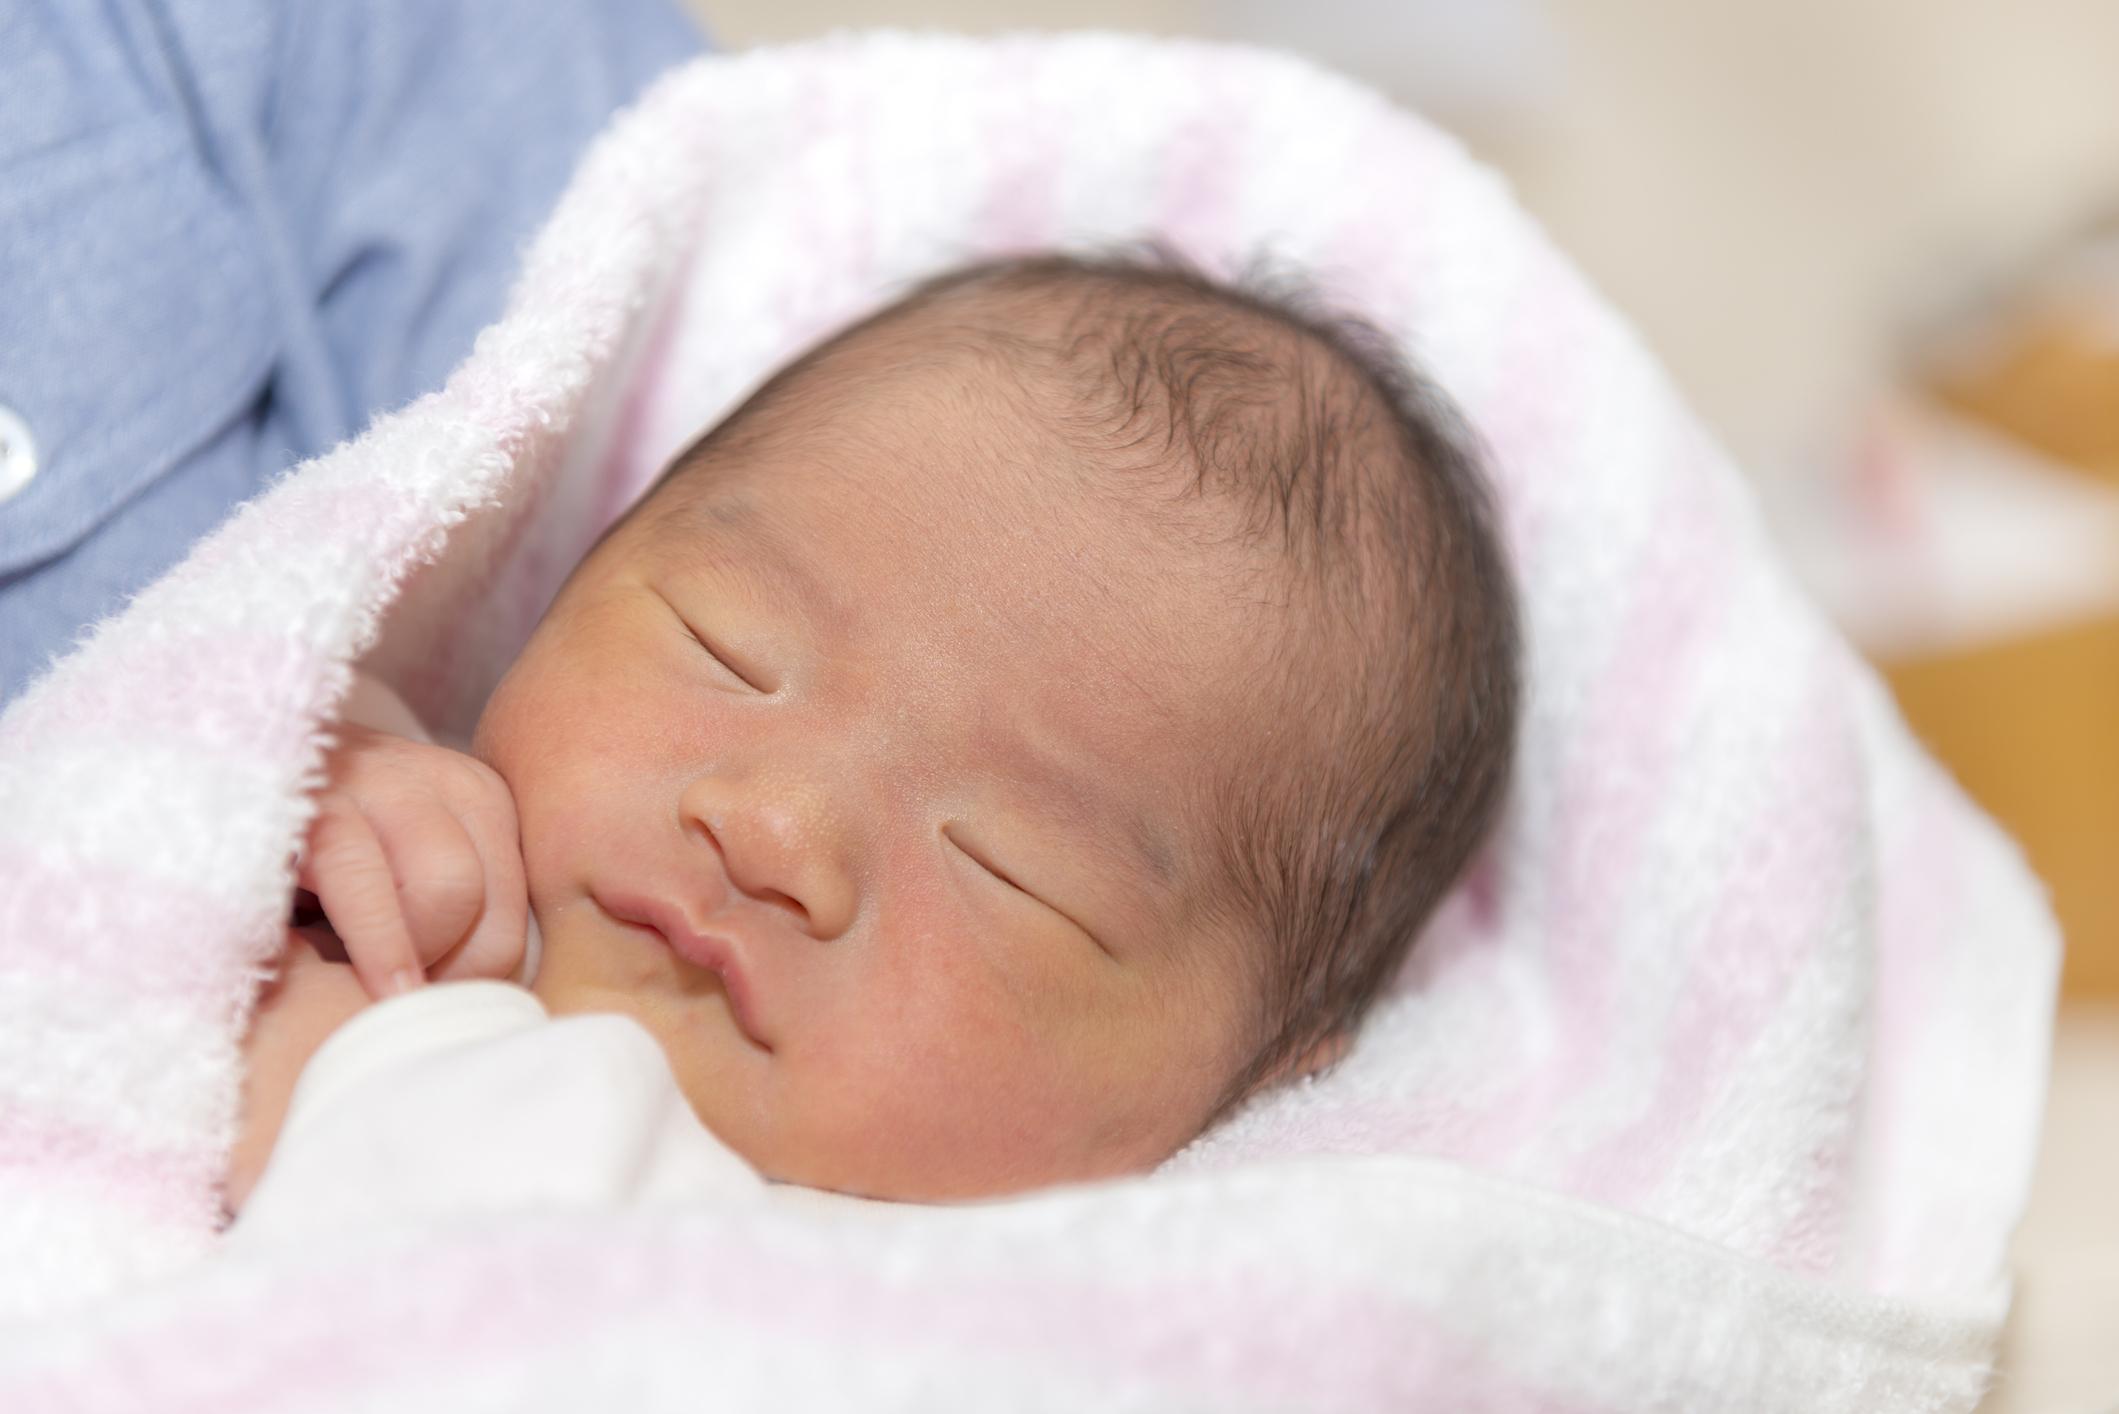 赤ん坊の顔